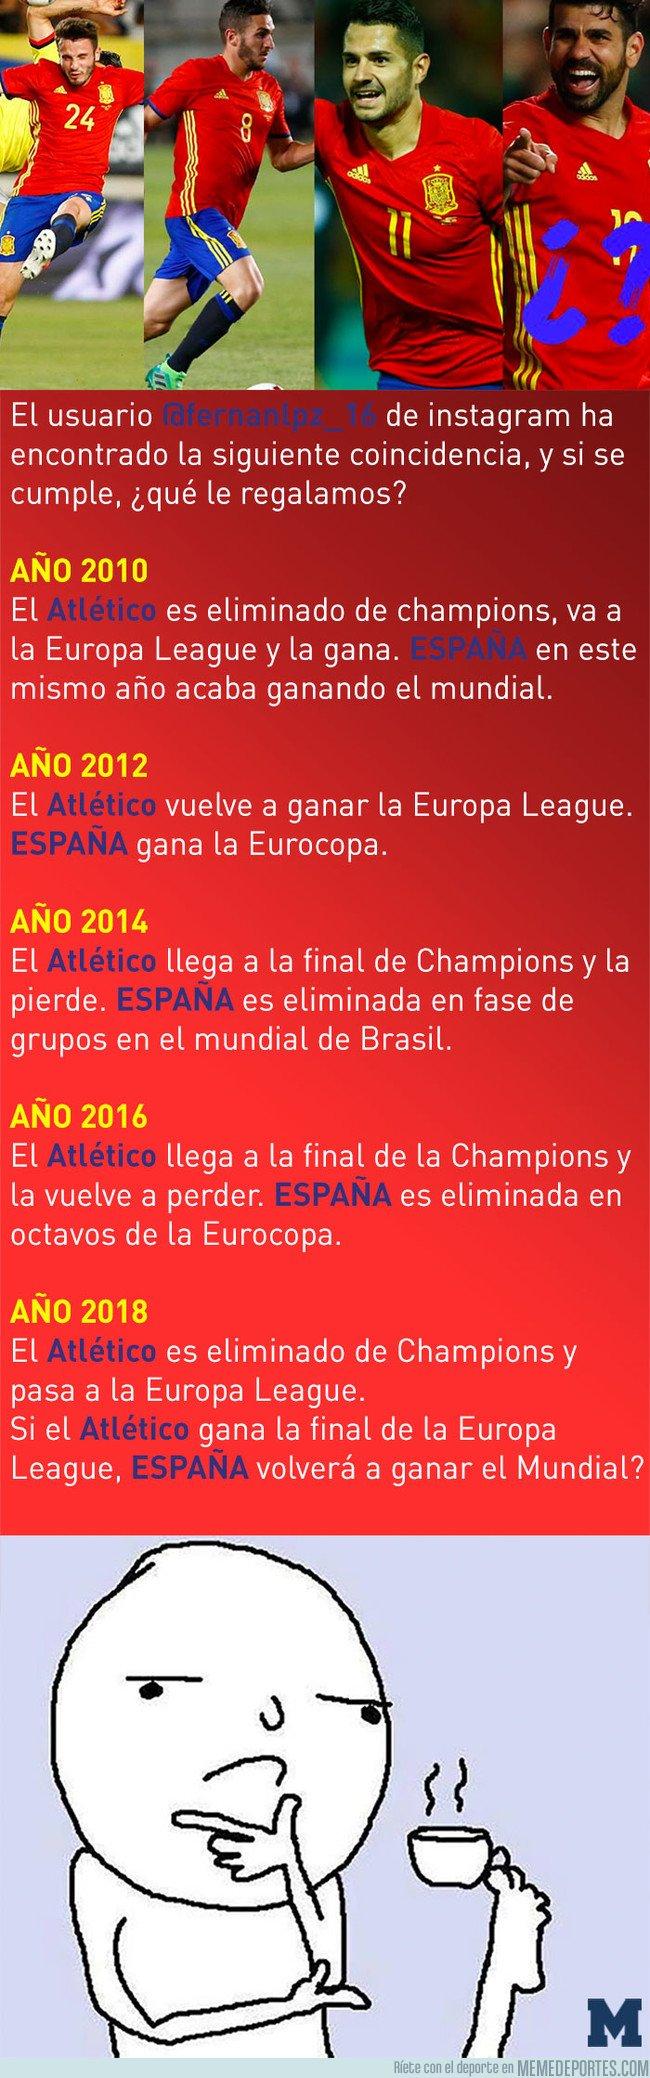 1028624 - La relación entre el Atlético de Europa y la selección española, vía @fernanlpz_16